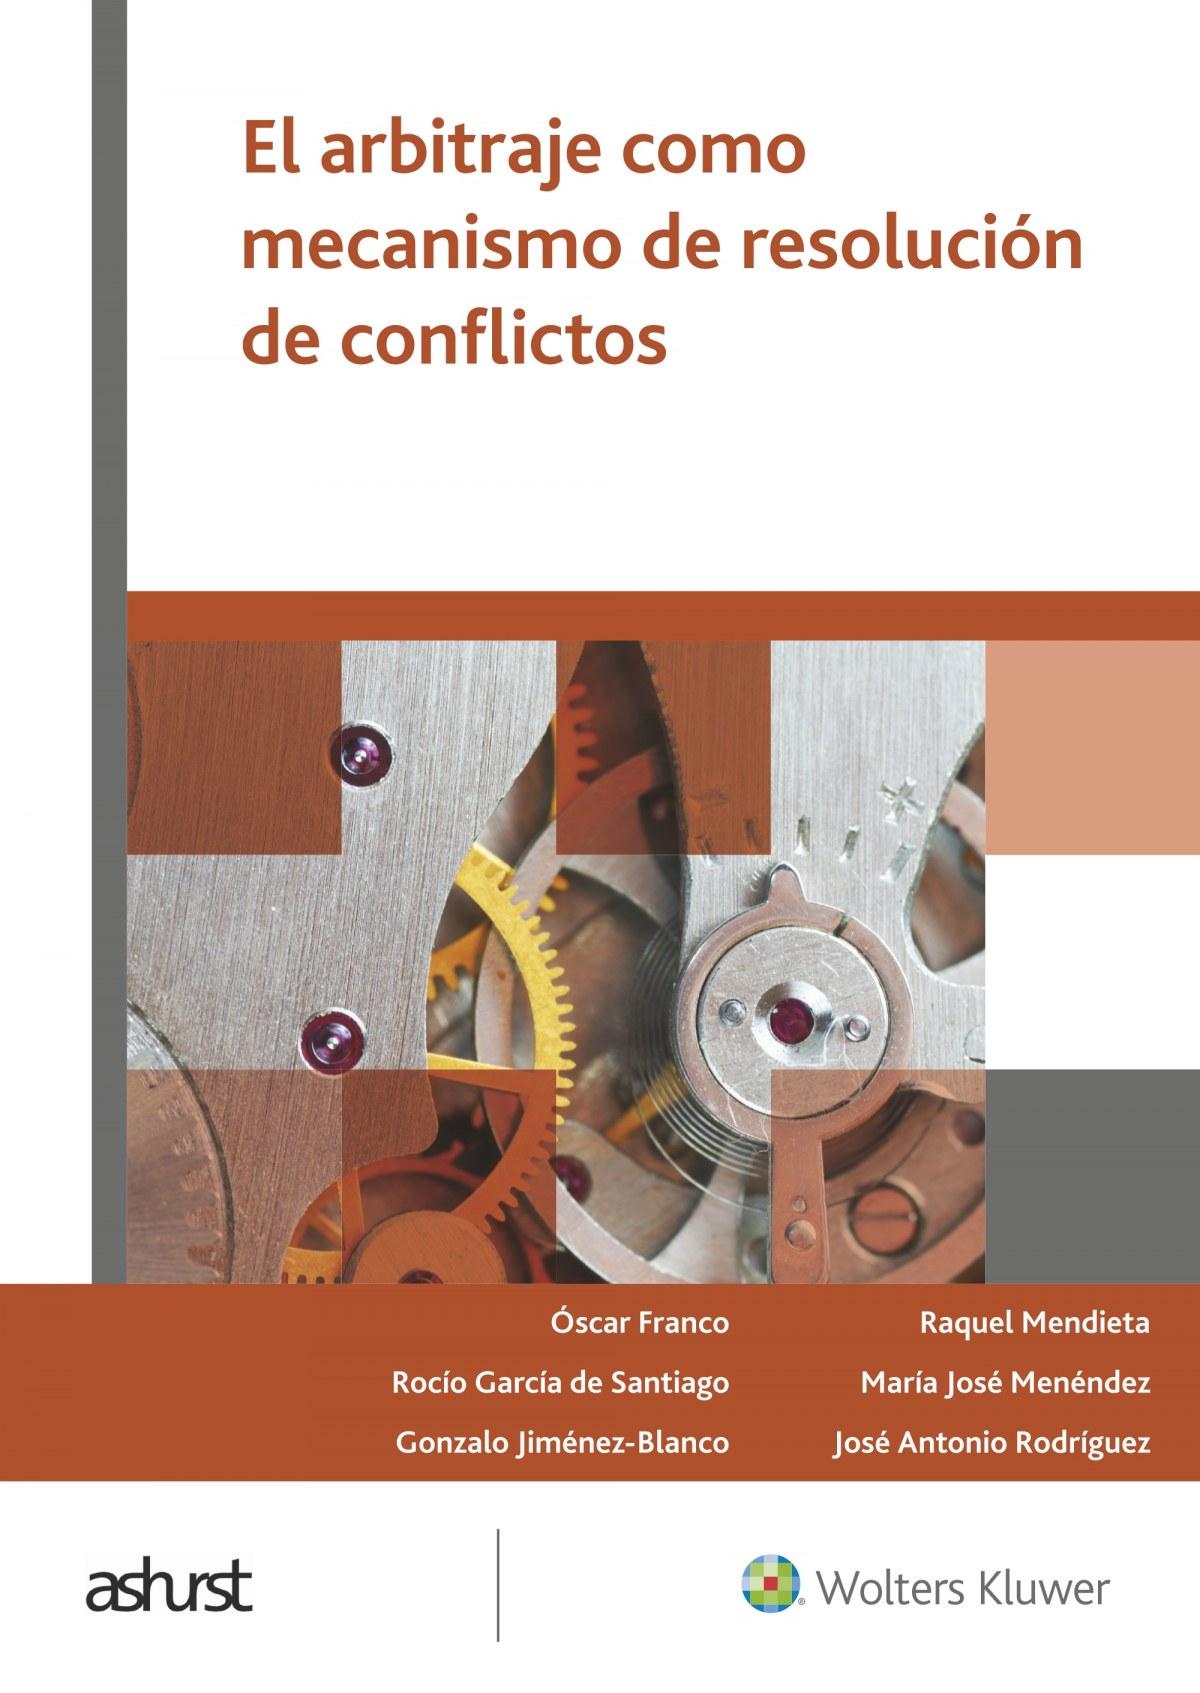 El arbitraje como mecanismo de resolución de conflictos